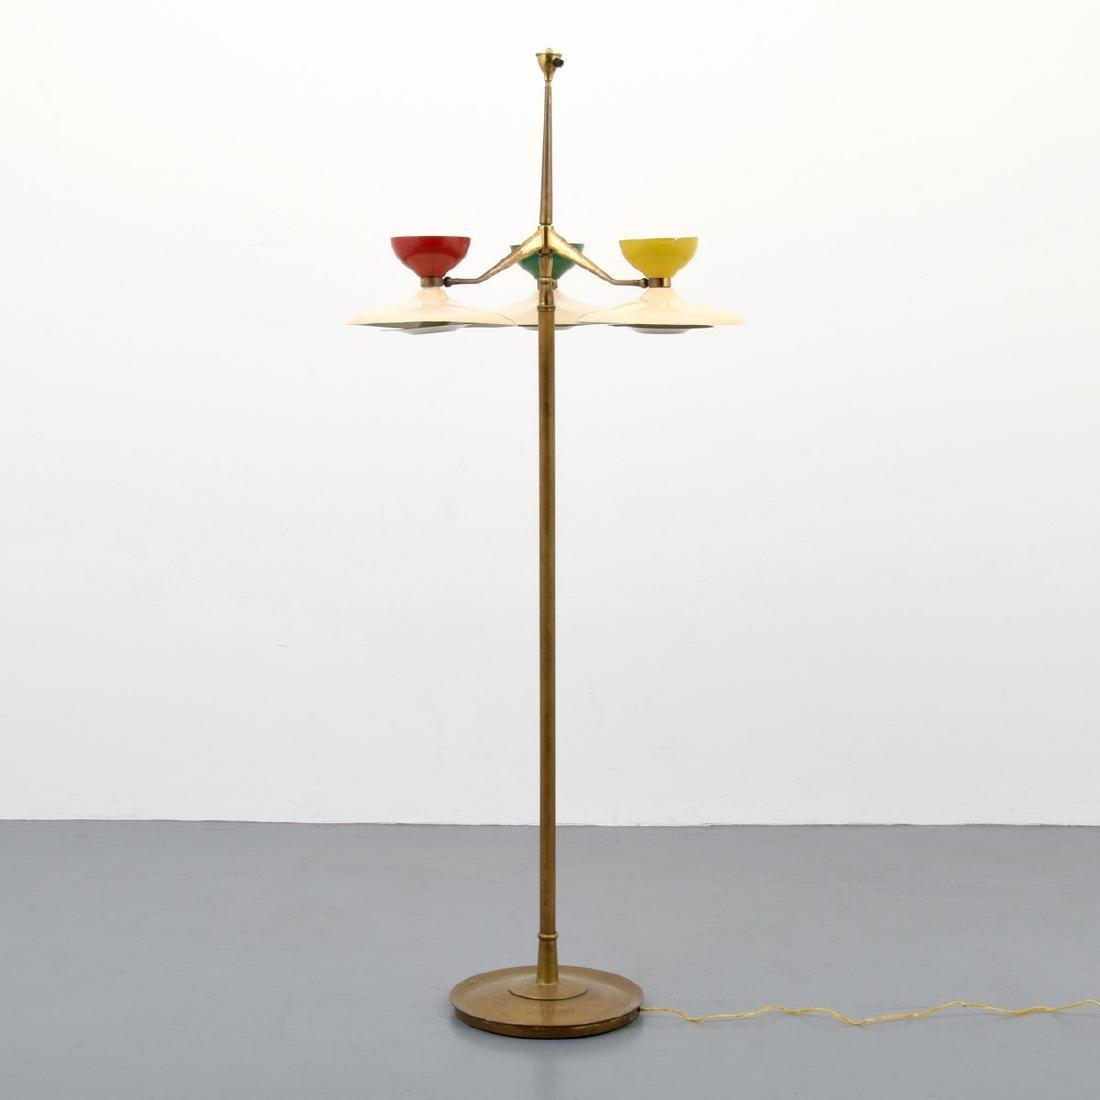 Floor Lamp, Manner of Arredoluce - 8